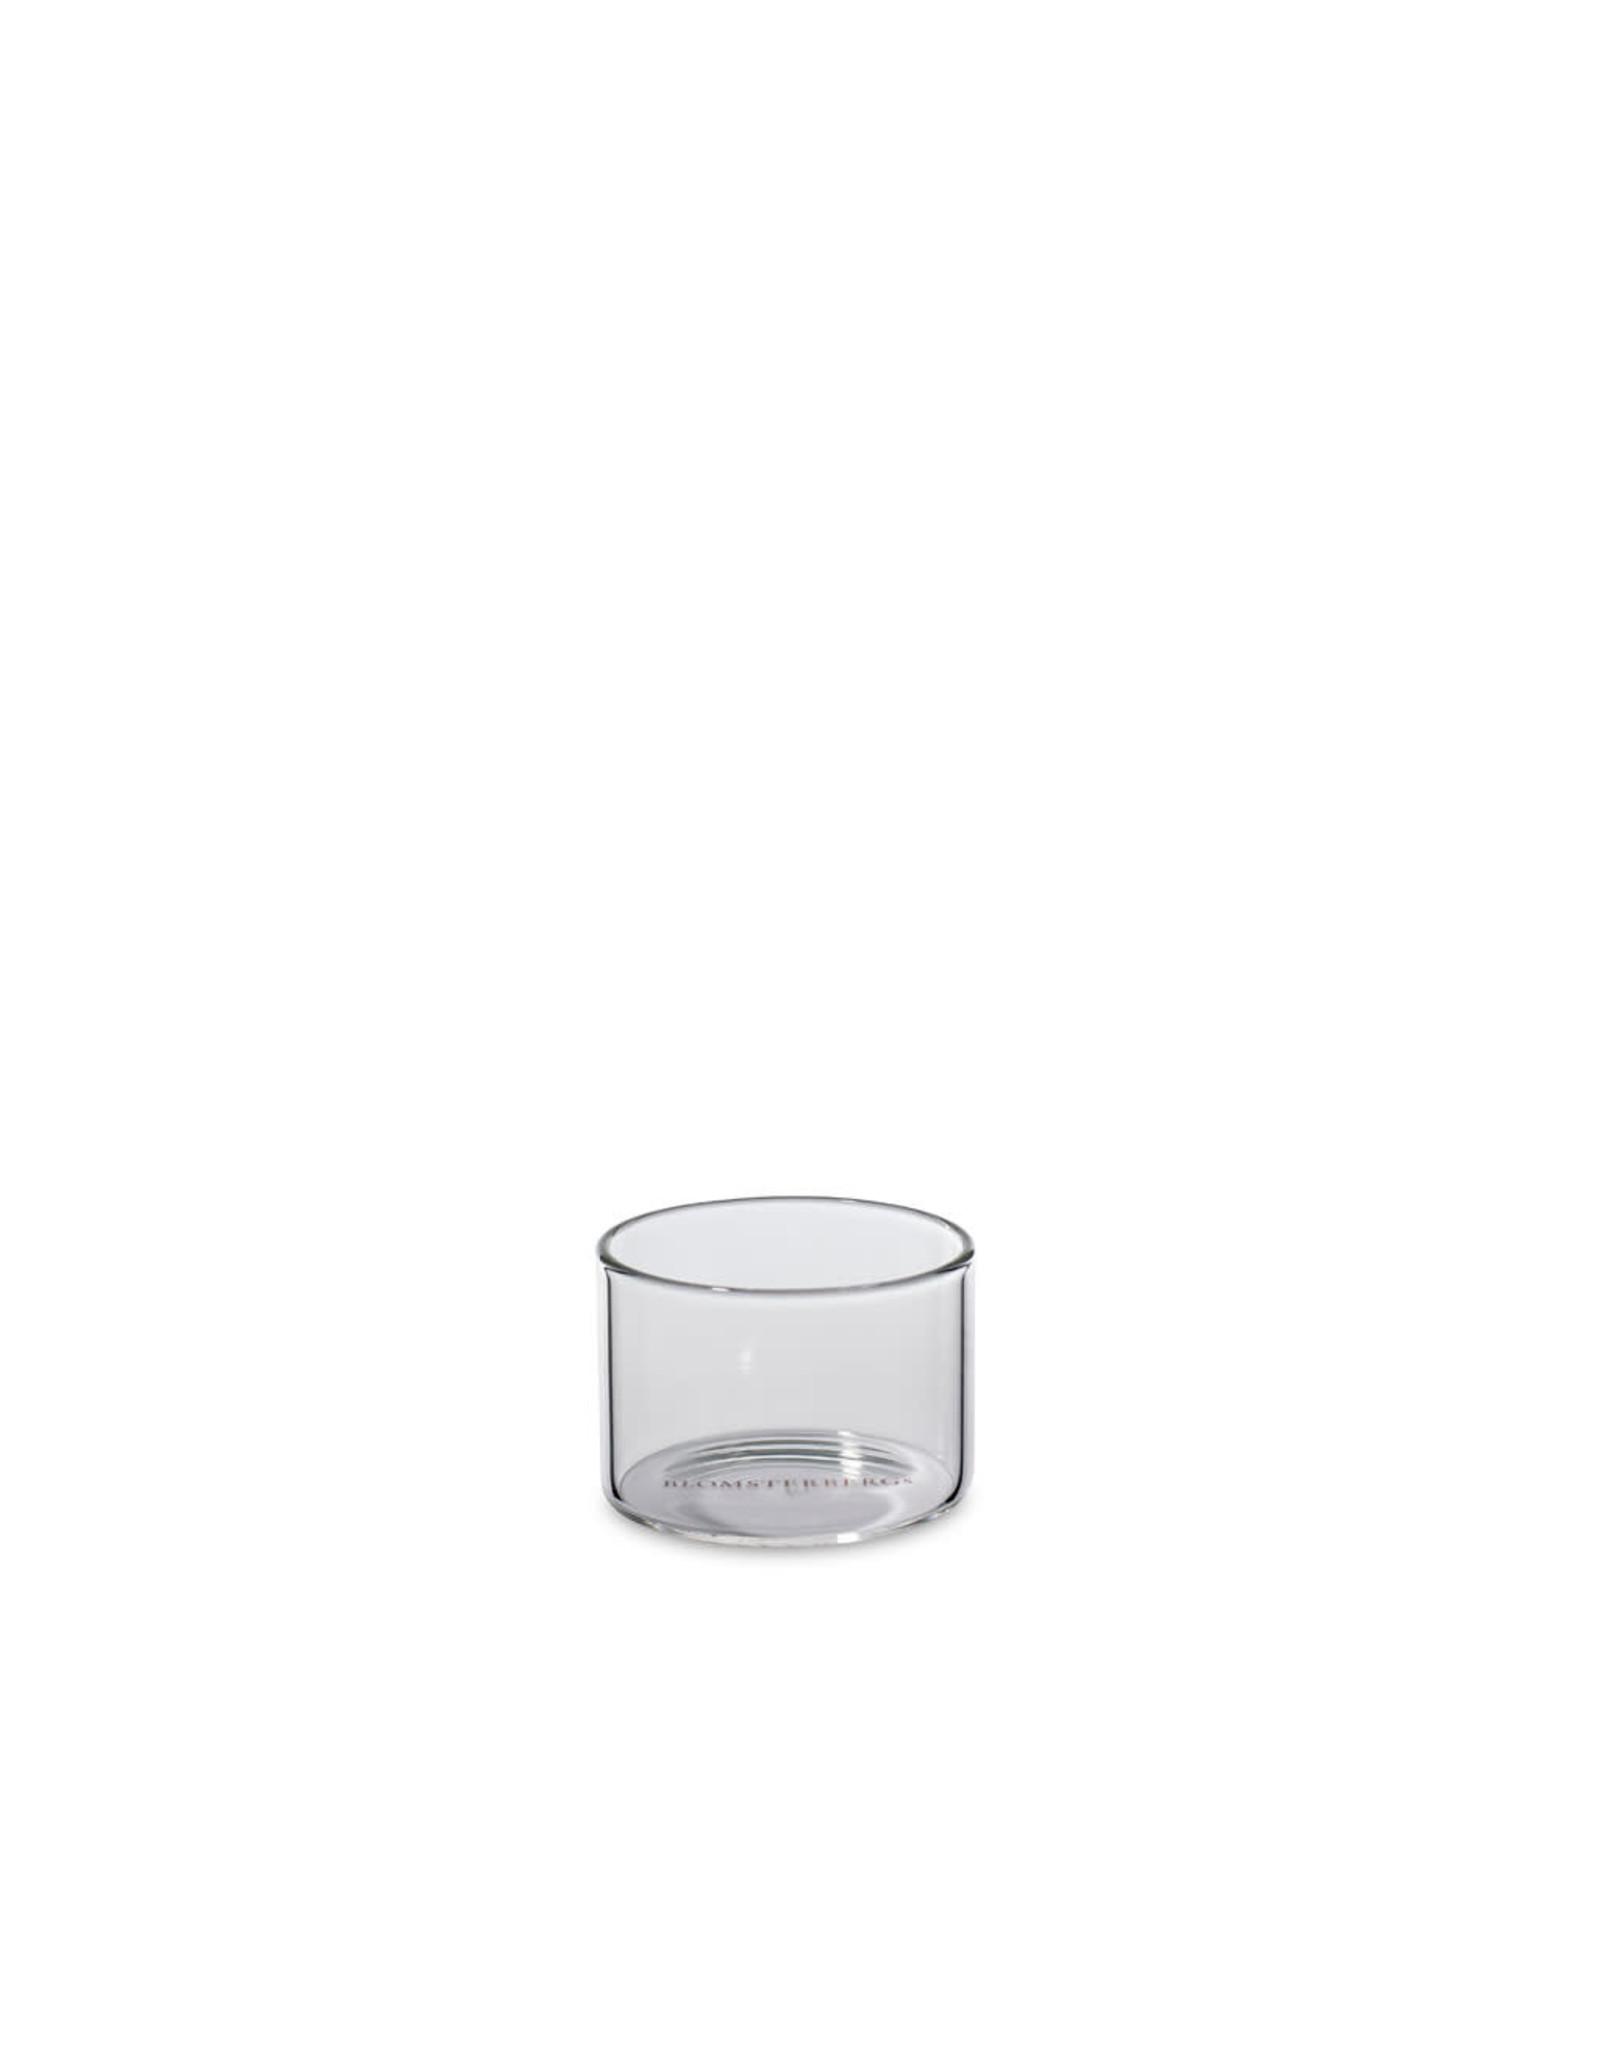 BLOMSTERBERGS KEUKEN BLOMSTERBERGS 913124 DESERT GLAS 5X8 CM 6DLG